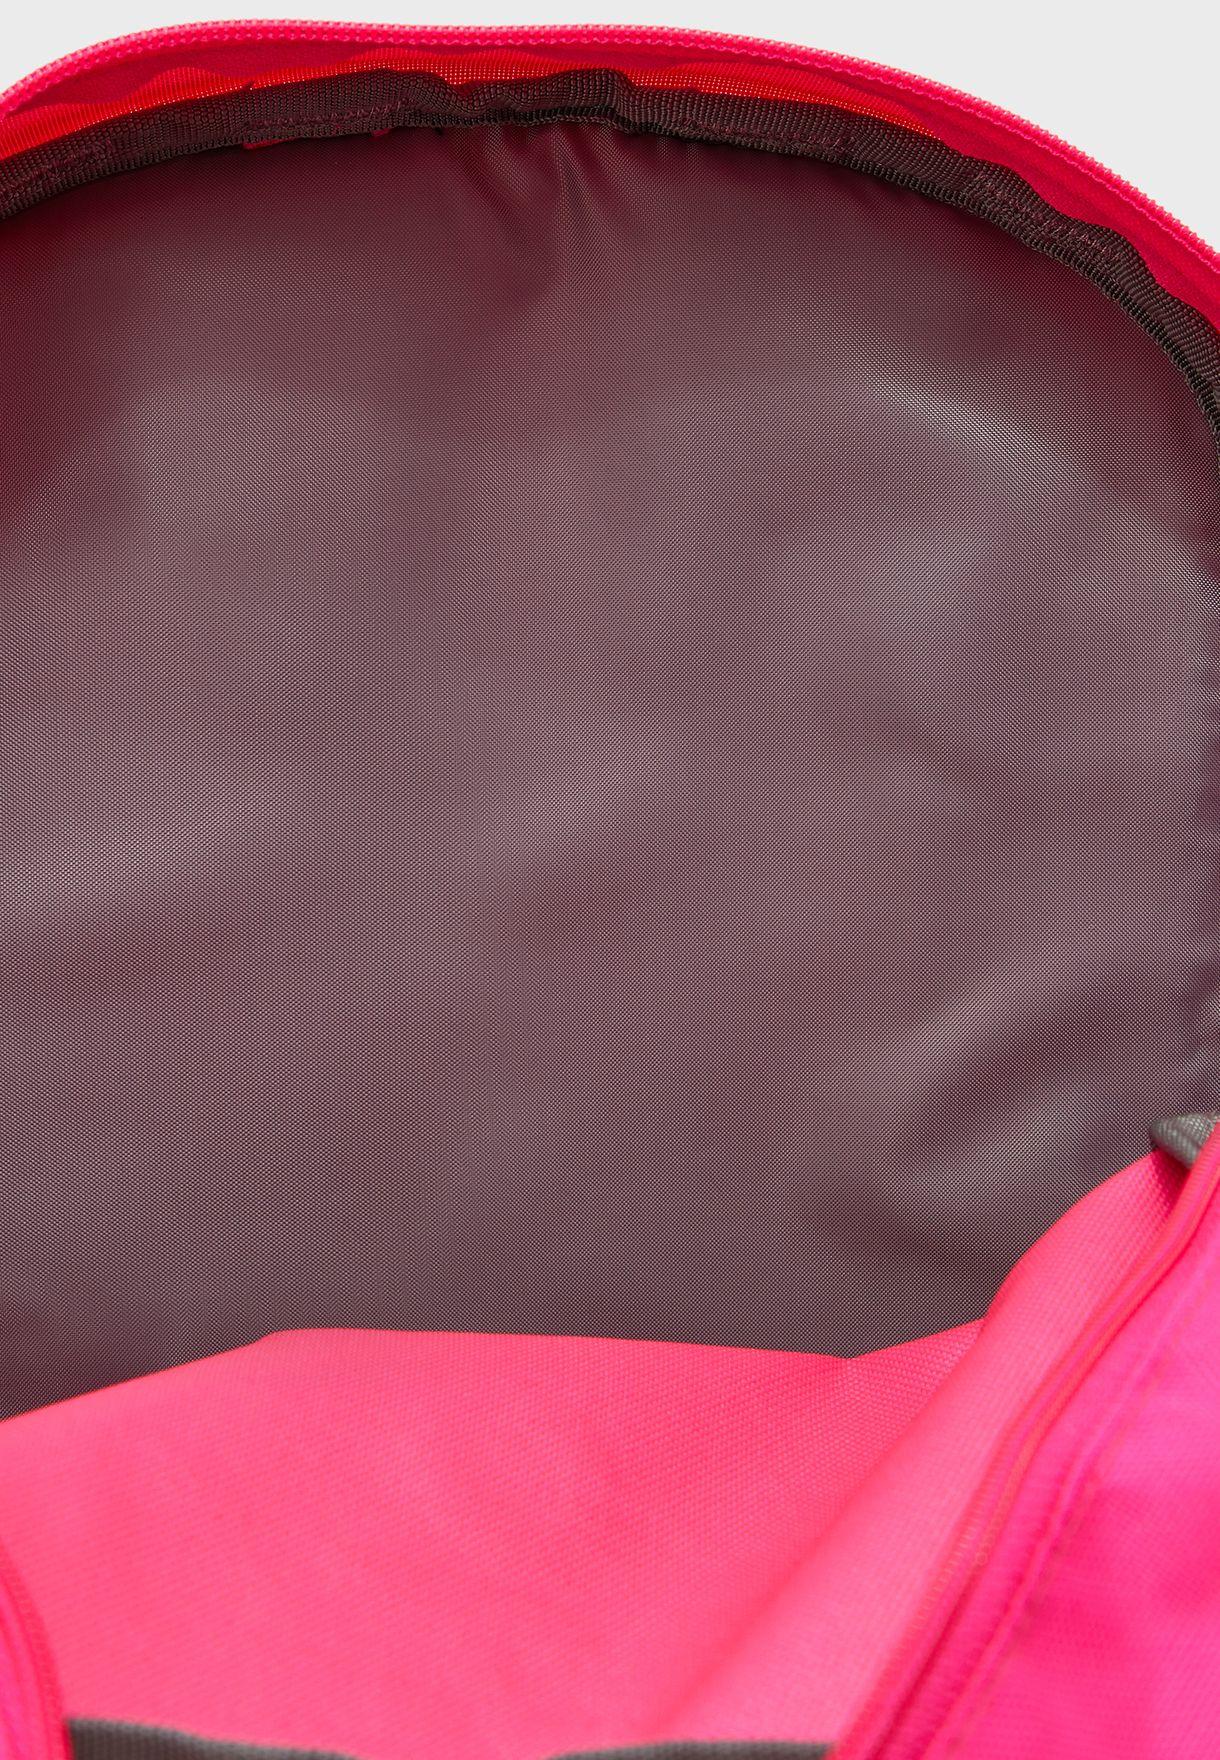 شنطة ظهر مزينة بشعار الماركة